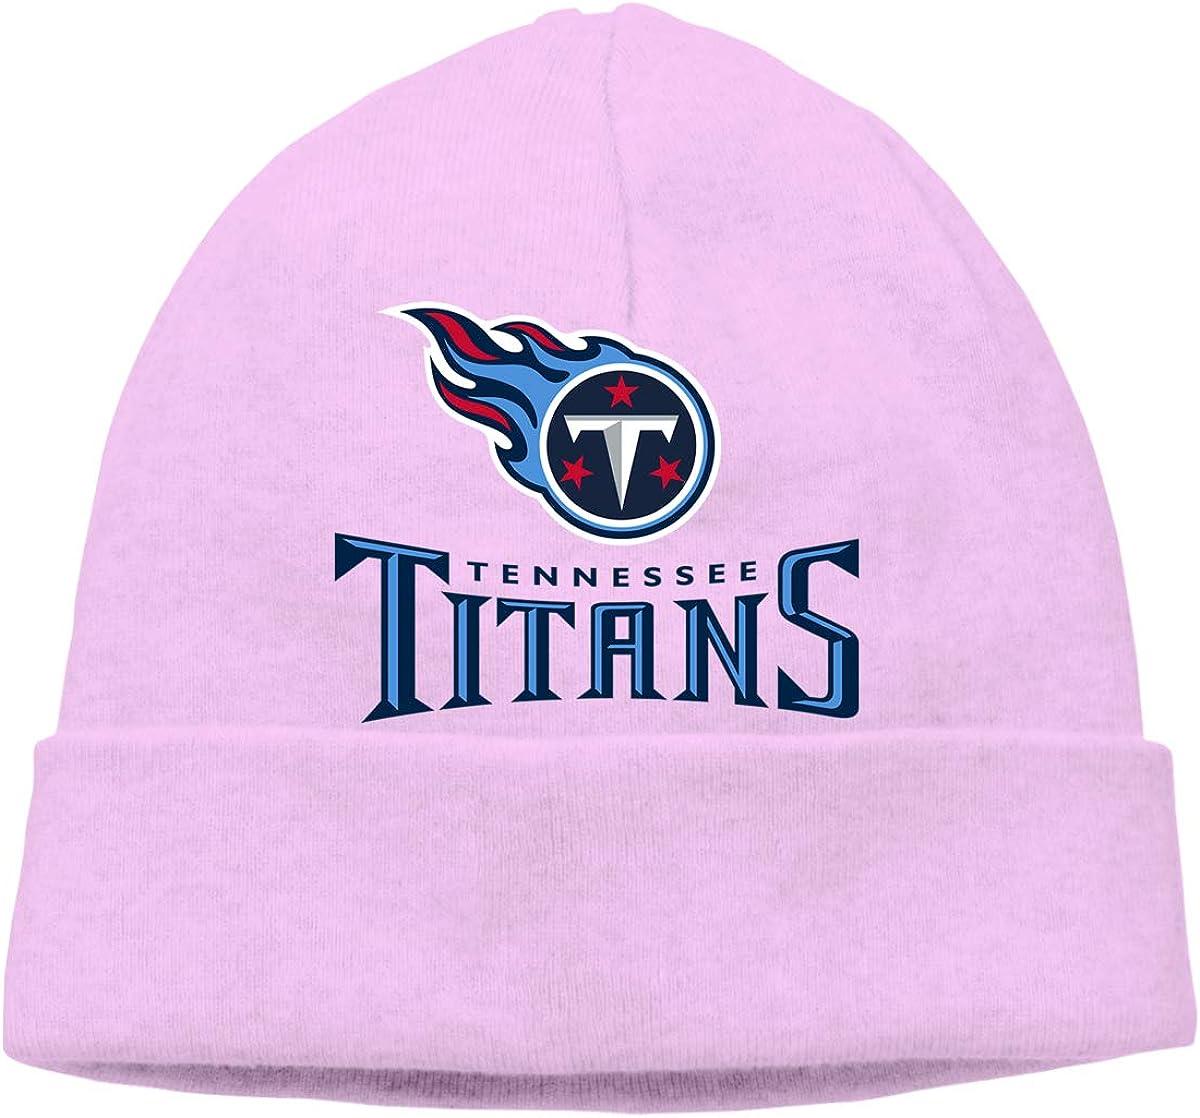 Tennessee Titans Unisex Fashion Autumn//Winter Knit Cap Hedging Cap Woolen Hat Cotton Cap